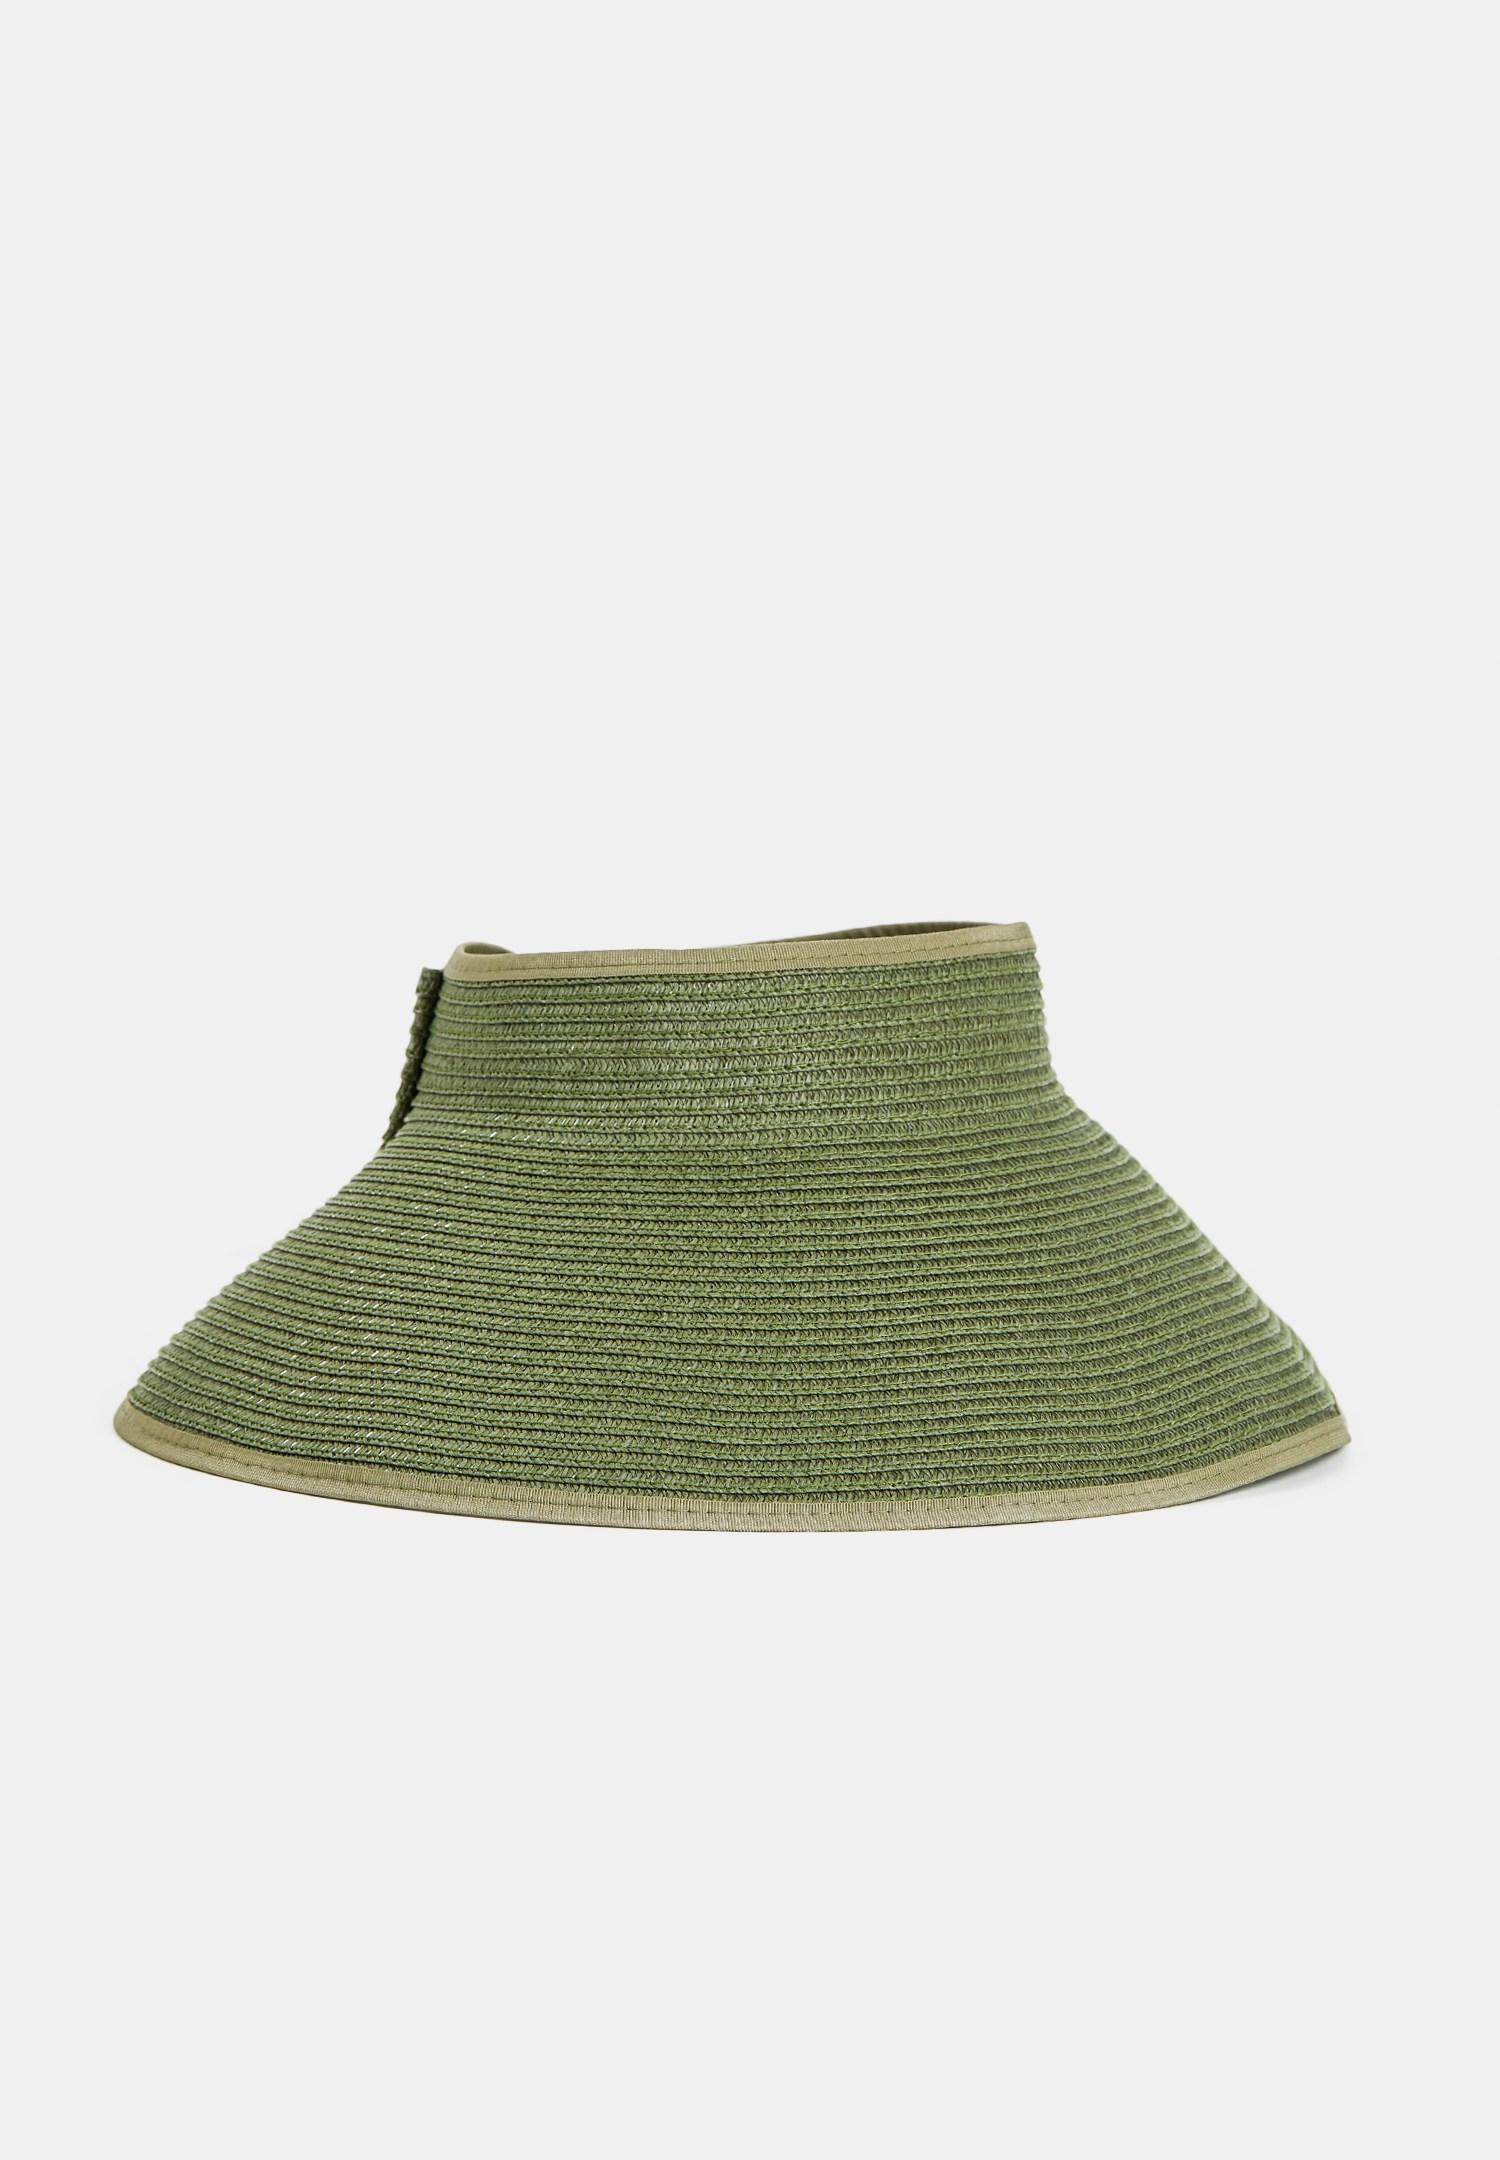 Bayan Yeşil Arkası Fiyonk Detaylı Hasır Şapka